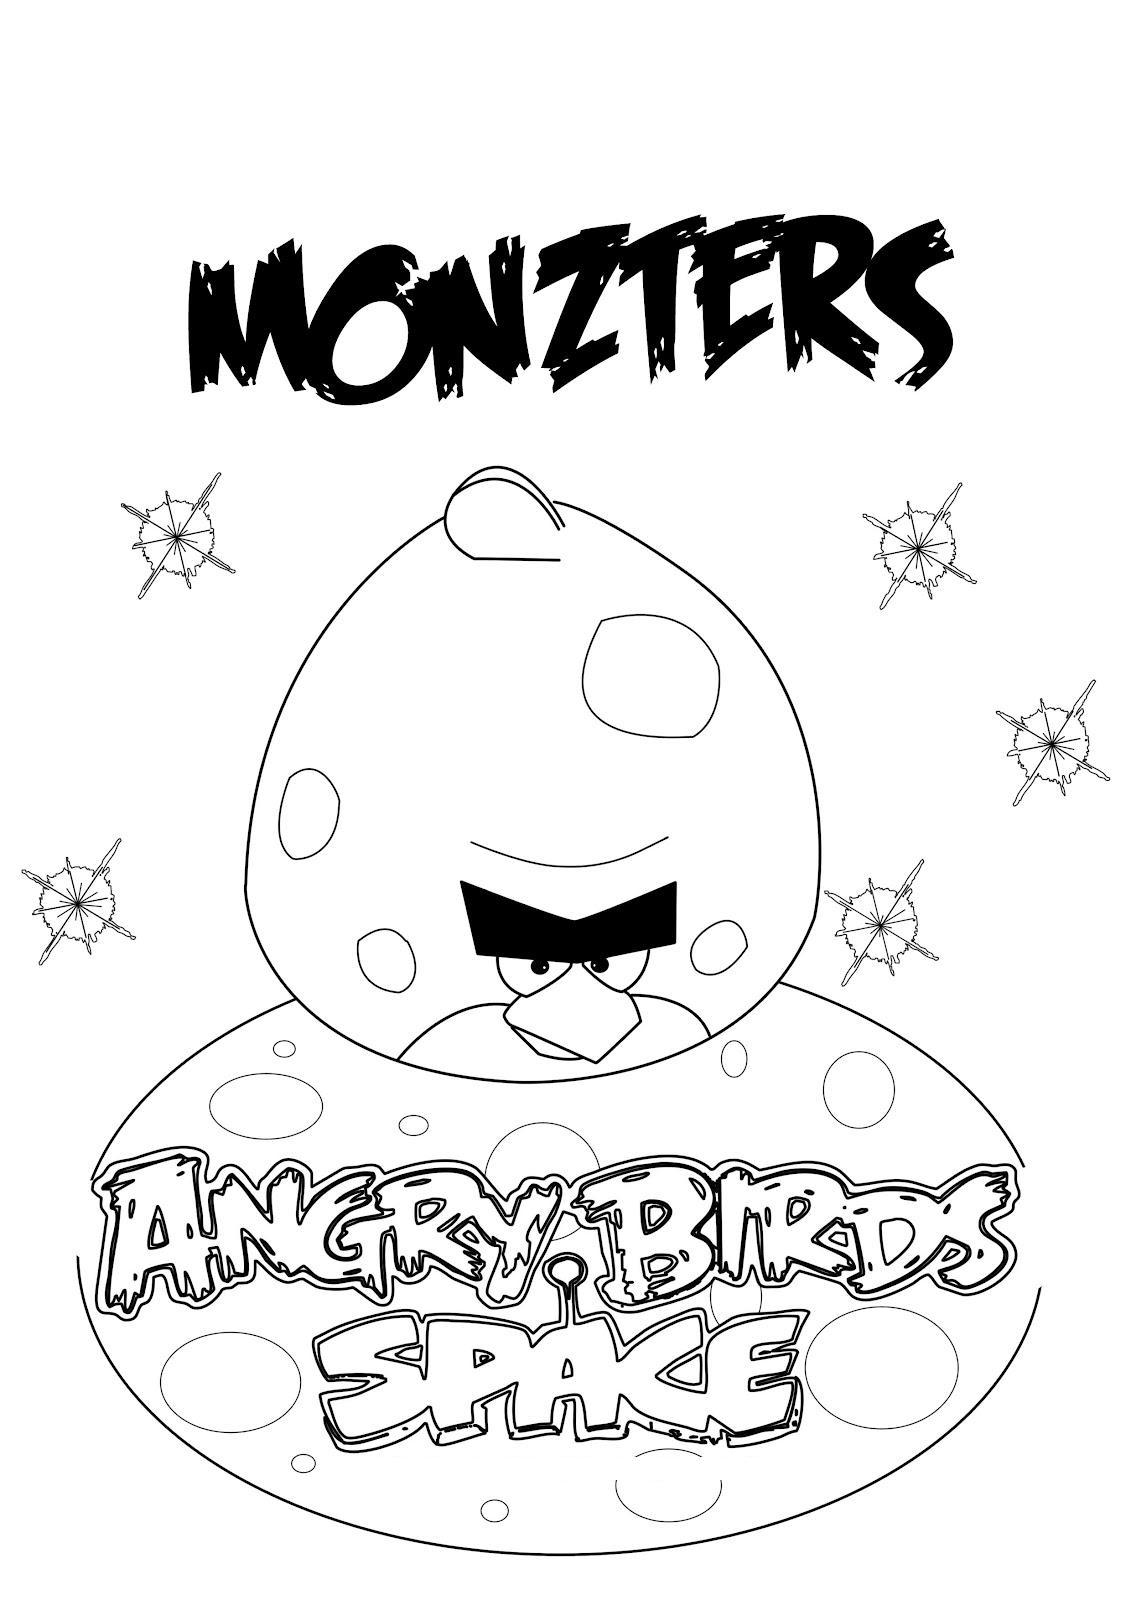 Dibujo para colorear de Angry Birds Space : Monster Bird en solitario